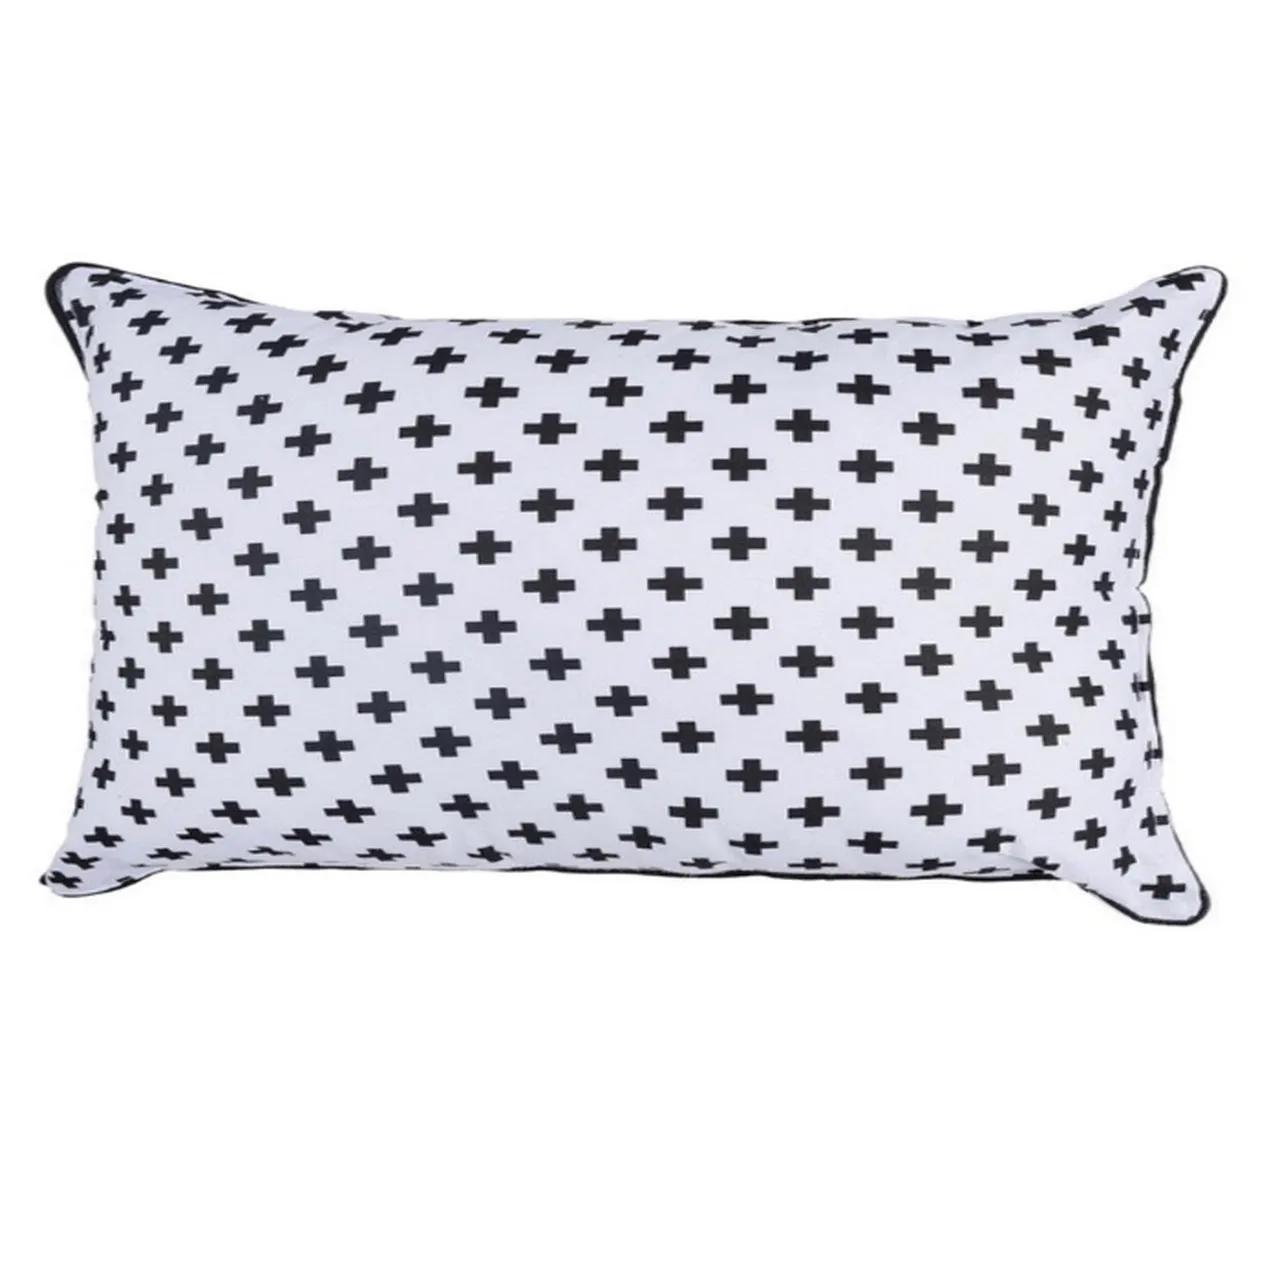 Almofada cabeceira Cruz Preta 35 X 57 cm 100% algodão  - Pomelo Decor